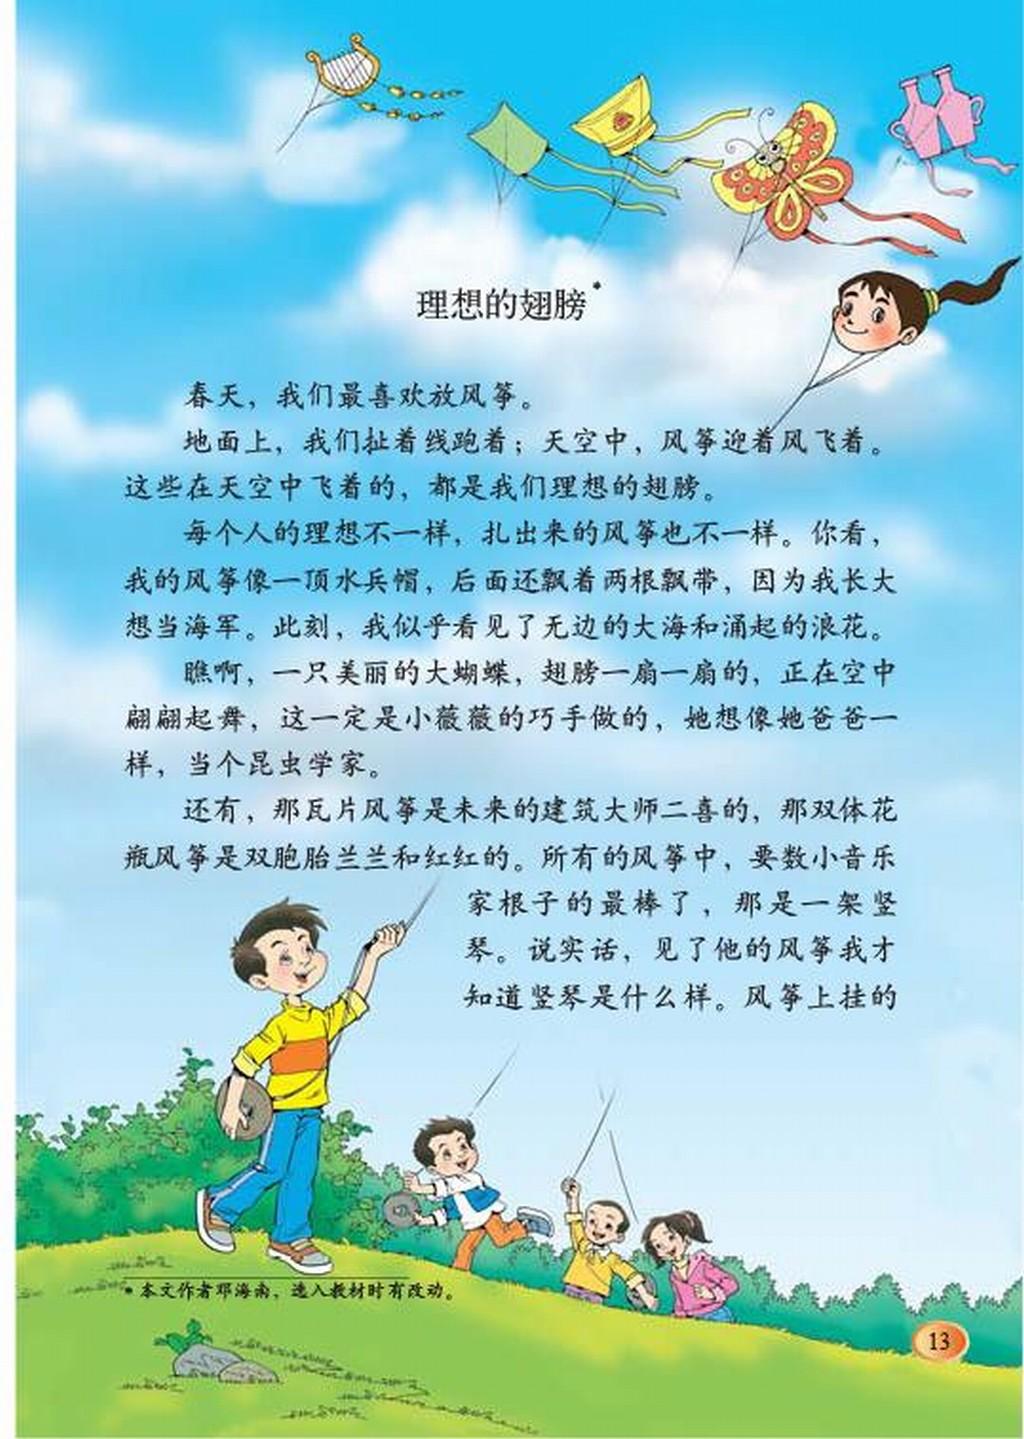 小学三年级语文下册 二春天的脚步图片